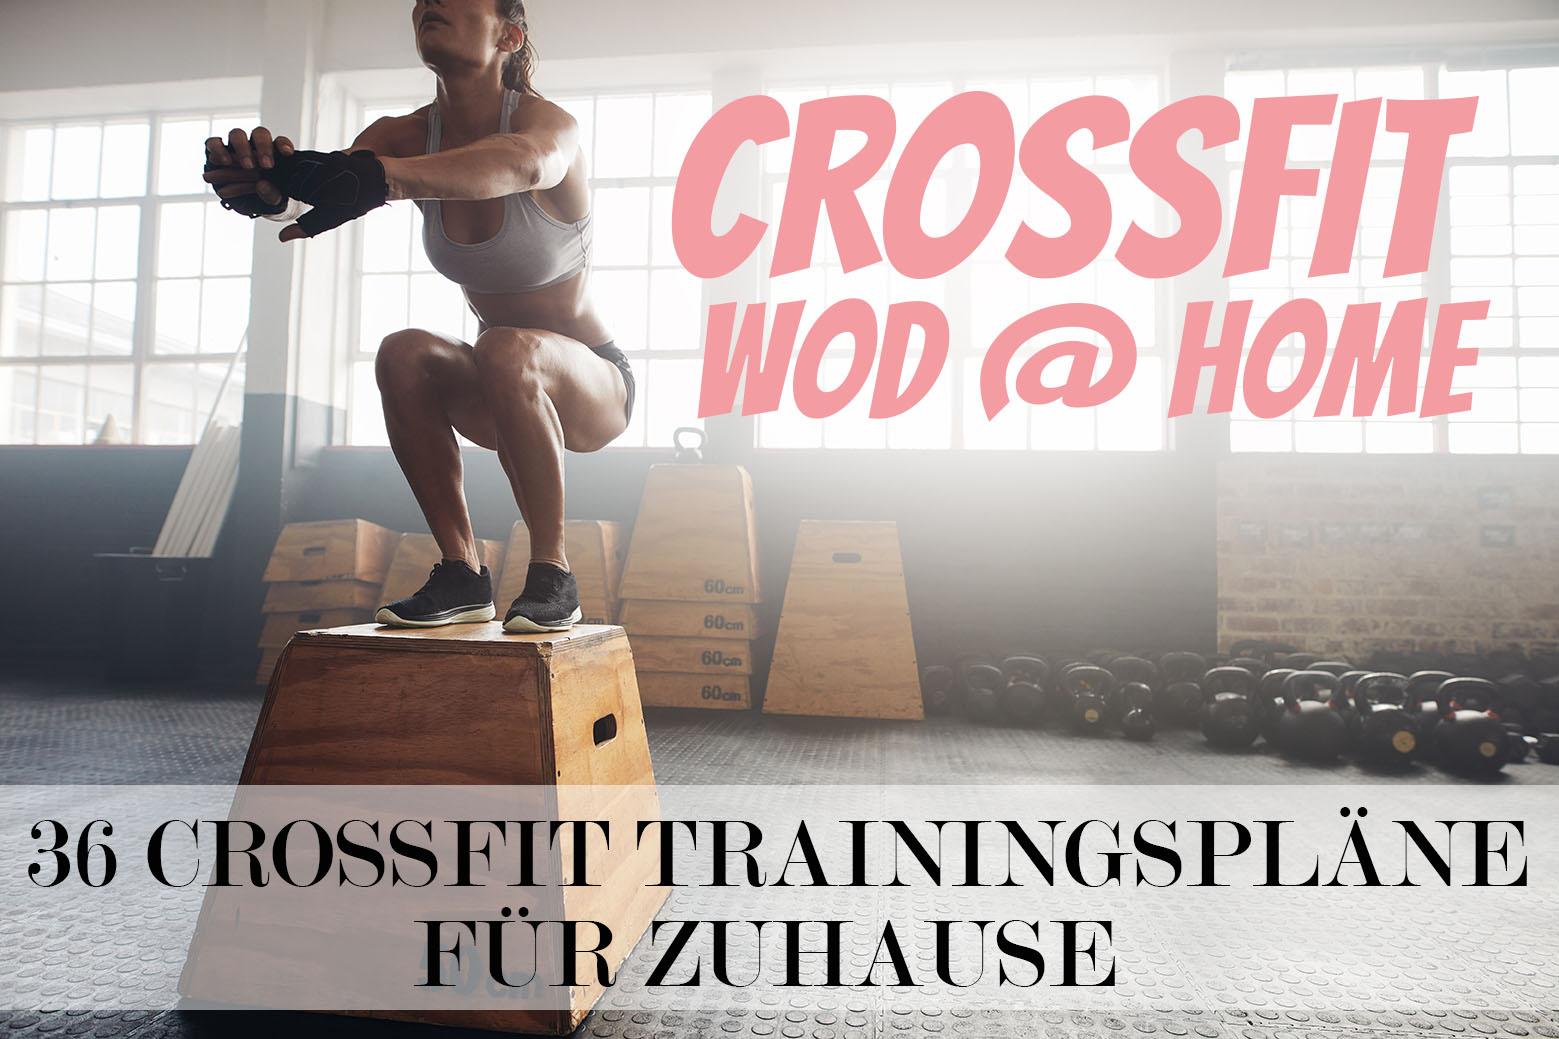 36 CrossFit Trainingspläne für Zuhause